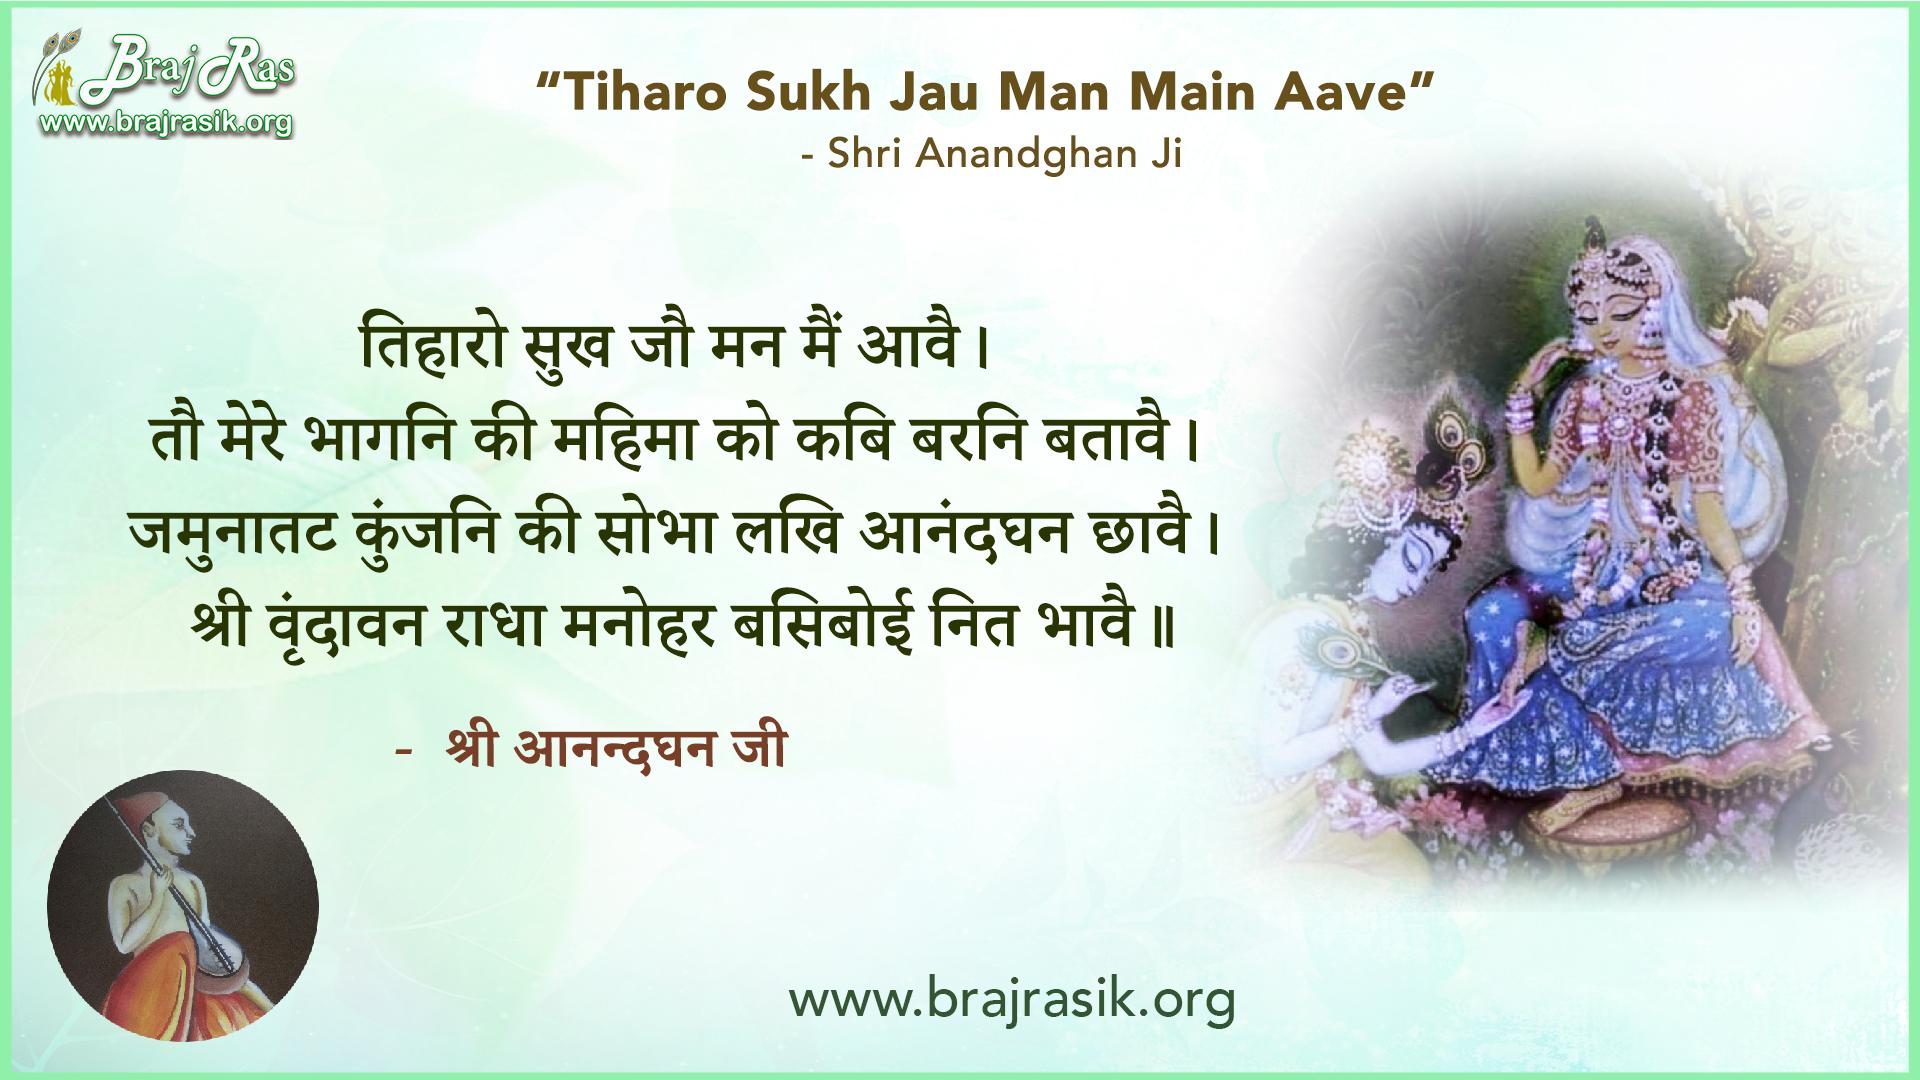 Tiharo Sukh Jau Man Main Aave - Shri Anandghan Ji